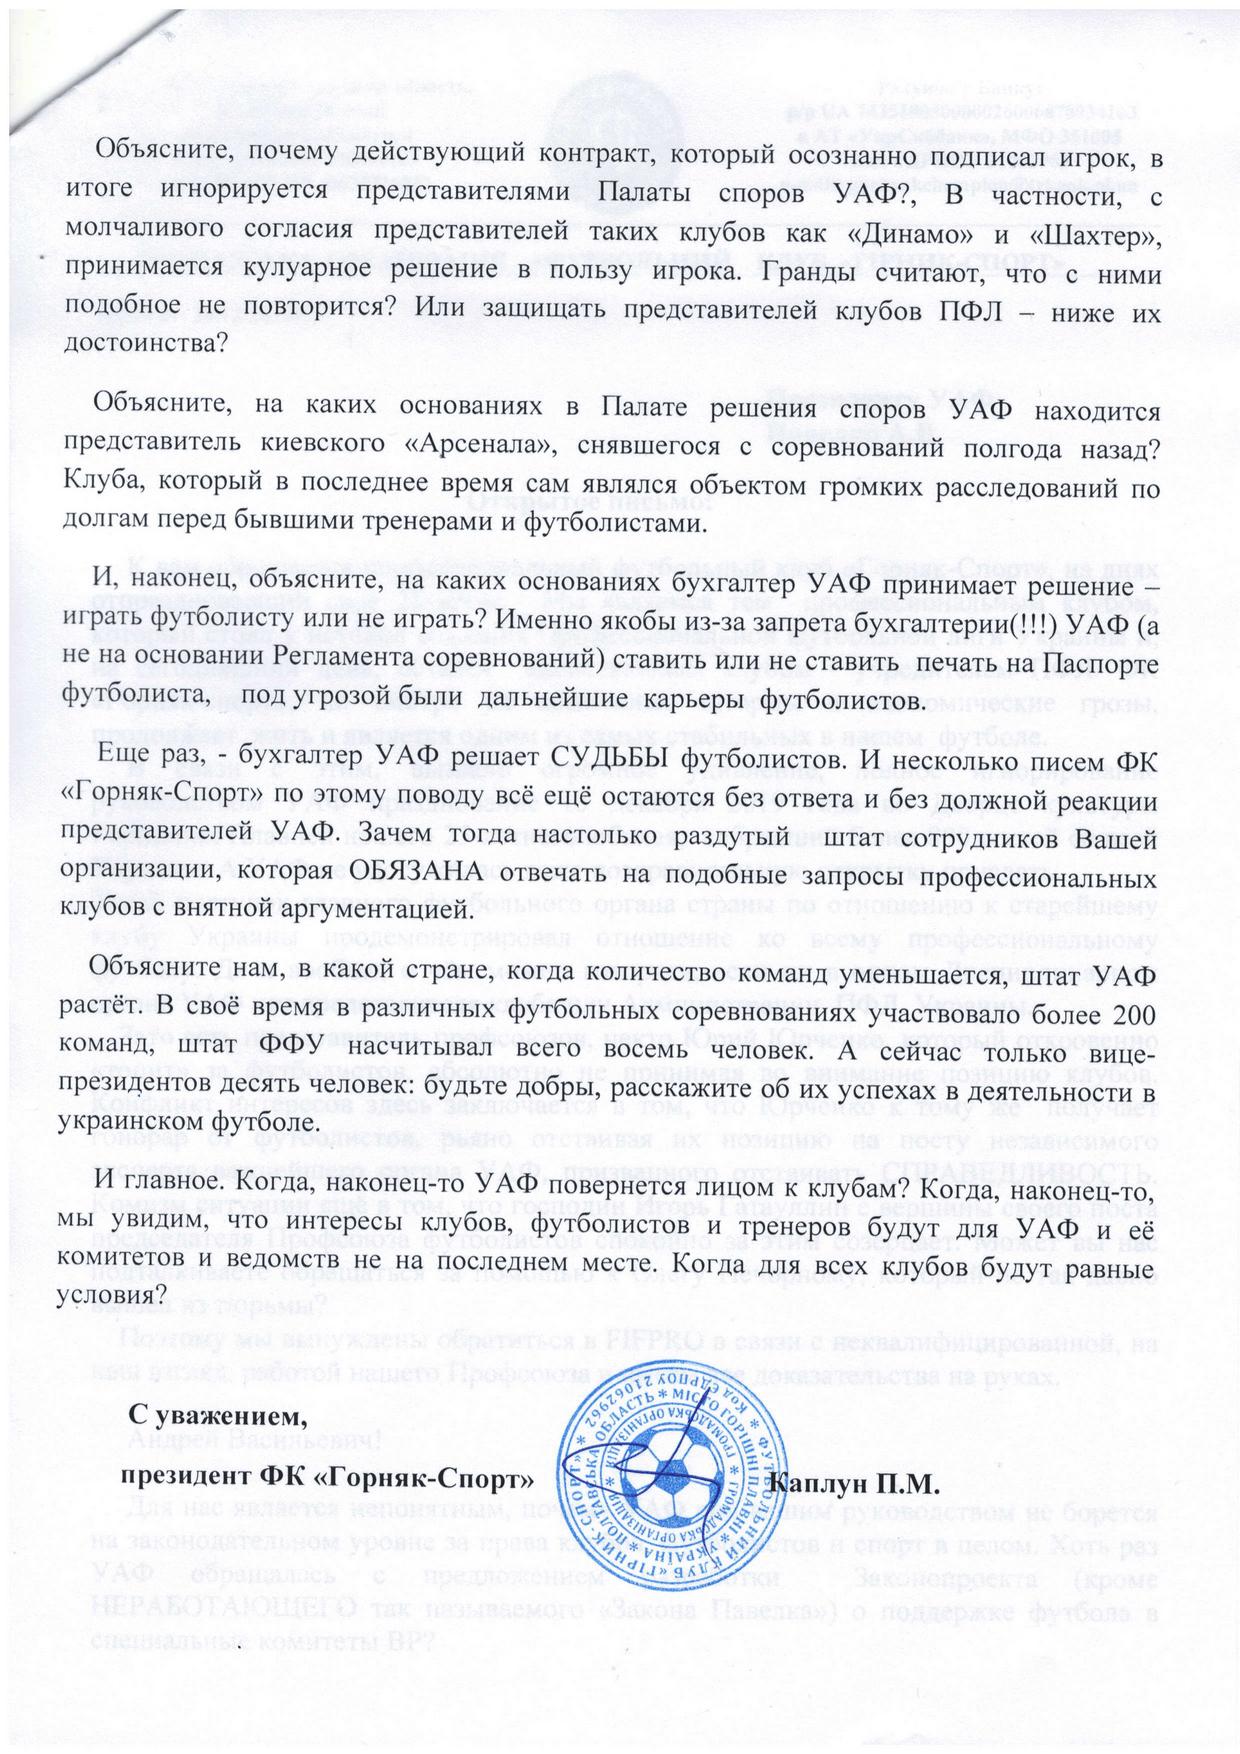 """Президент """"Горняка-Спорт"""" обратился с открытым письмом к Андрею Павелко - изображение 2"""